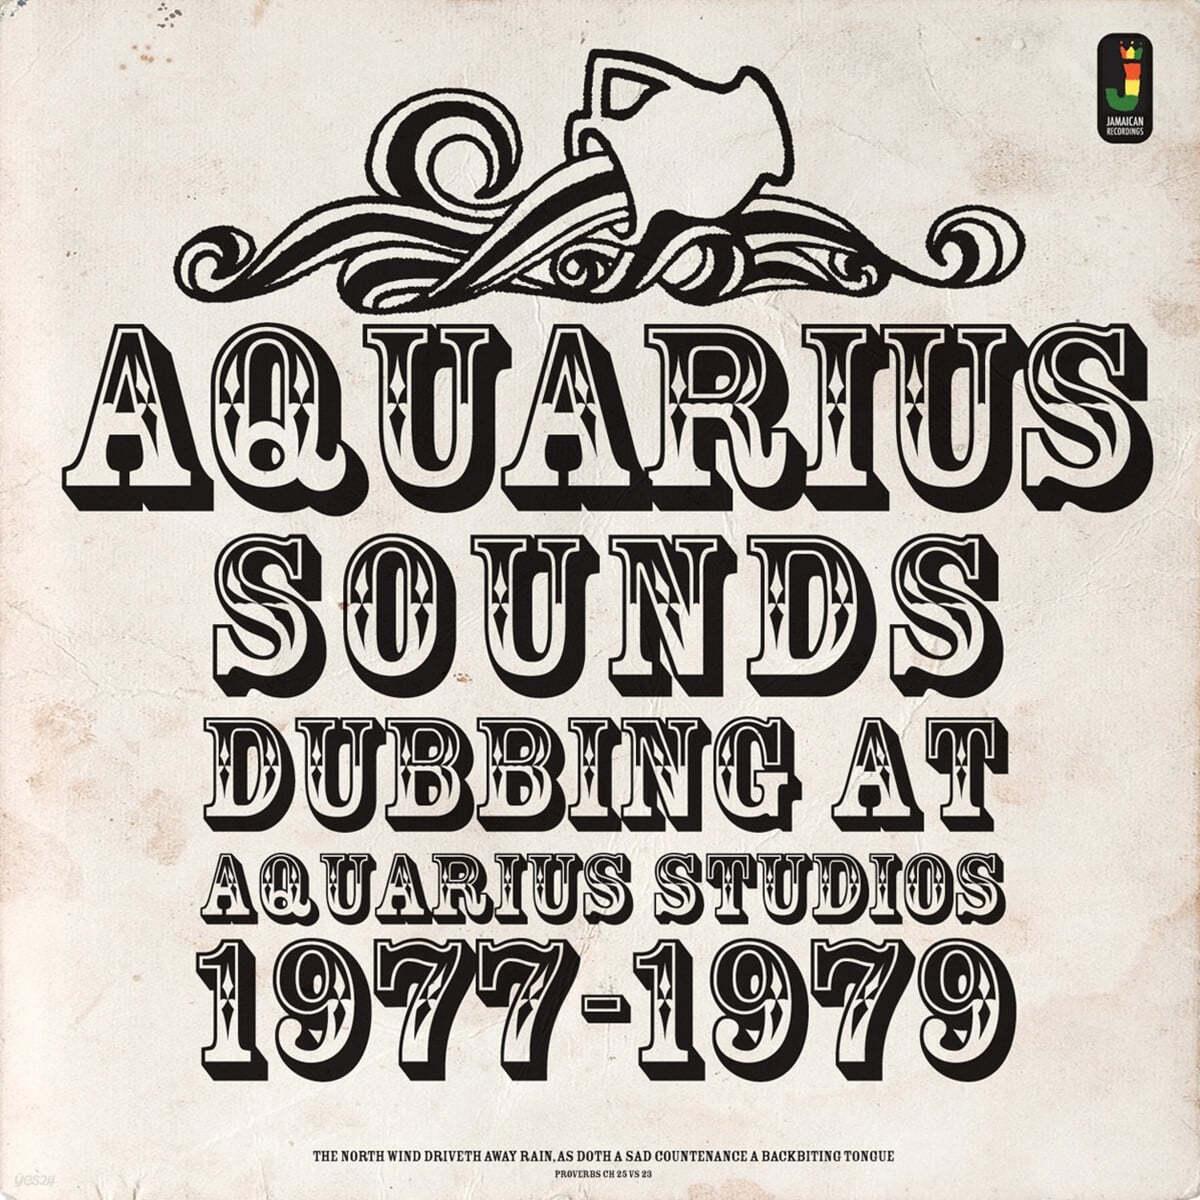 레게 음악 모음 - 아쿠아리우스 사운즈 (Aquarius Sounds) [LP]